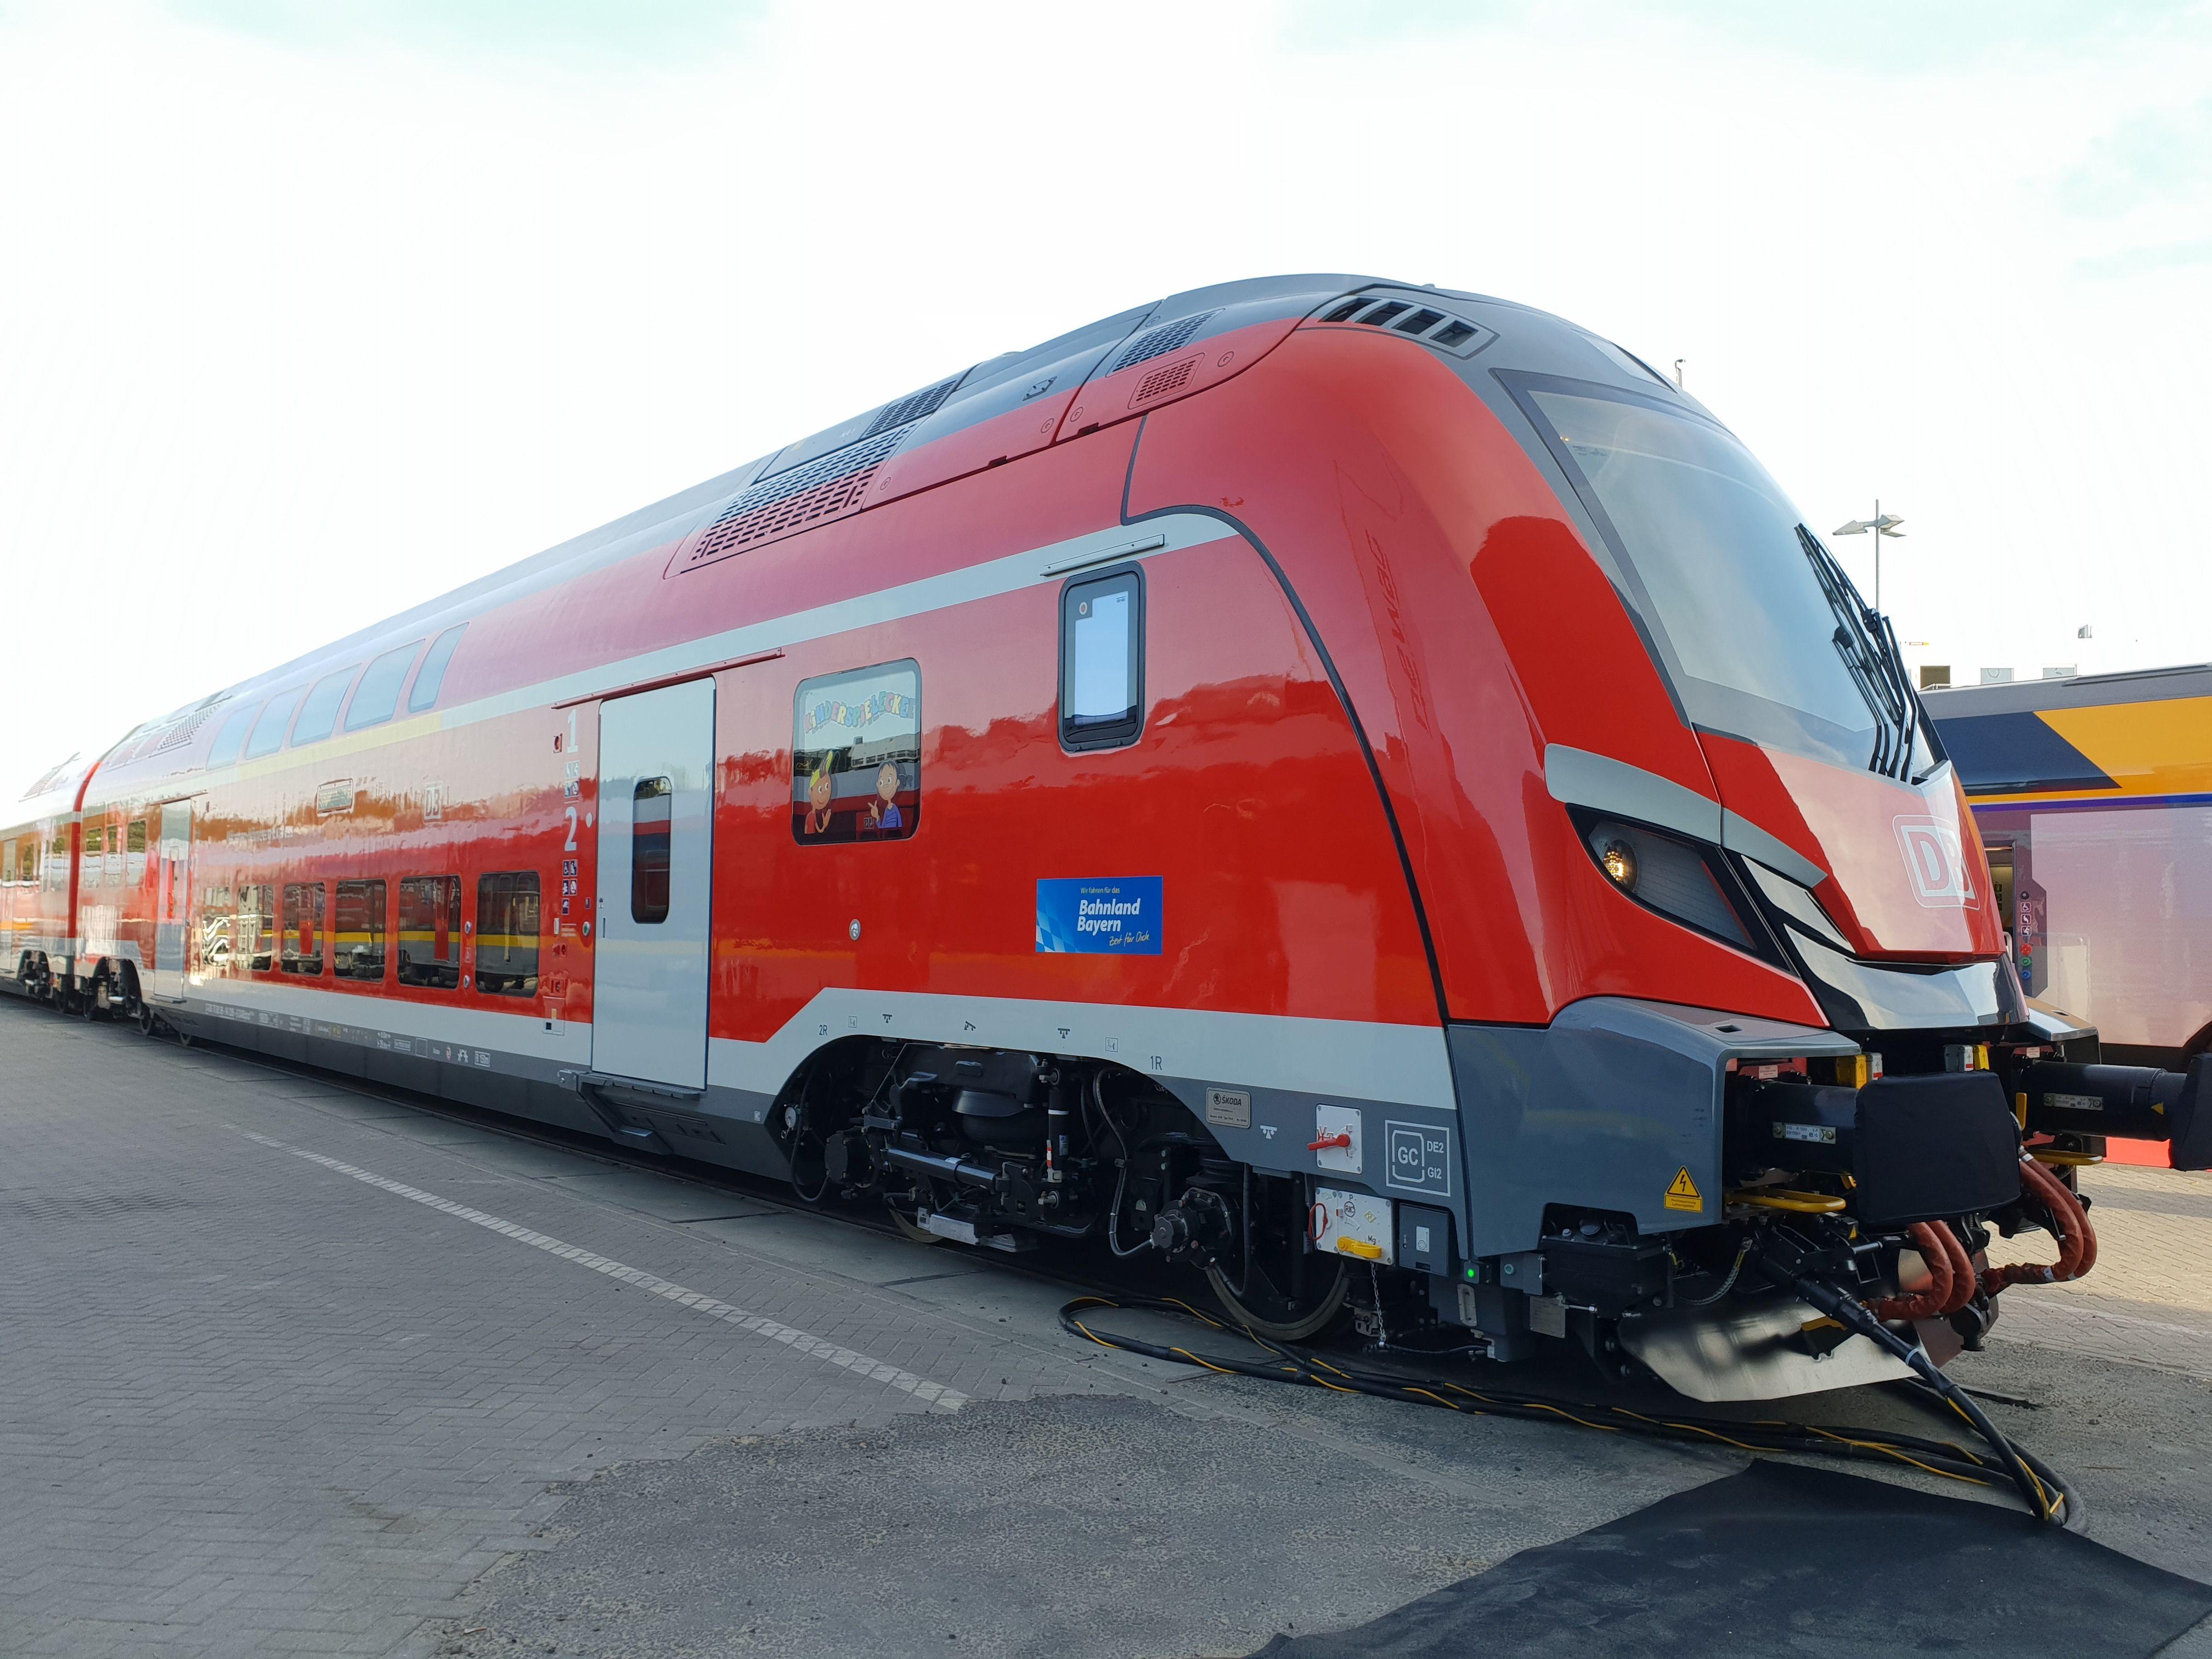 Foto: Doppelstocksteuerwagen von Skoda für den Nürnberg-Ingolstadt-München-Express auf der Berliner Innotrans 2018